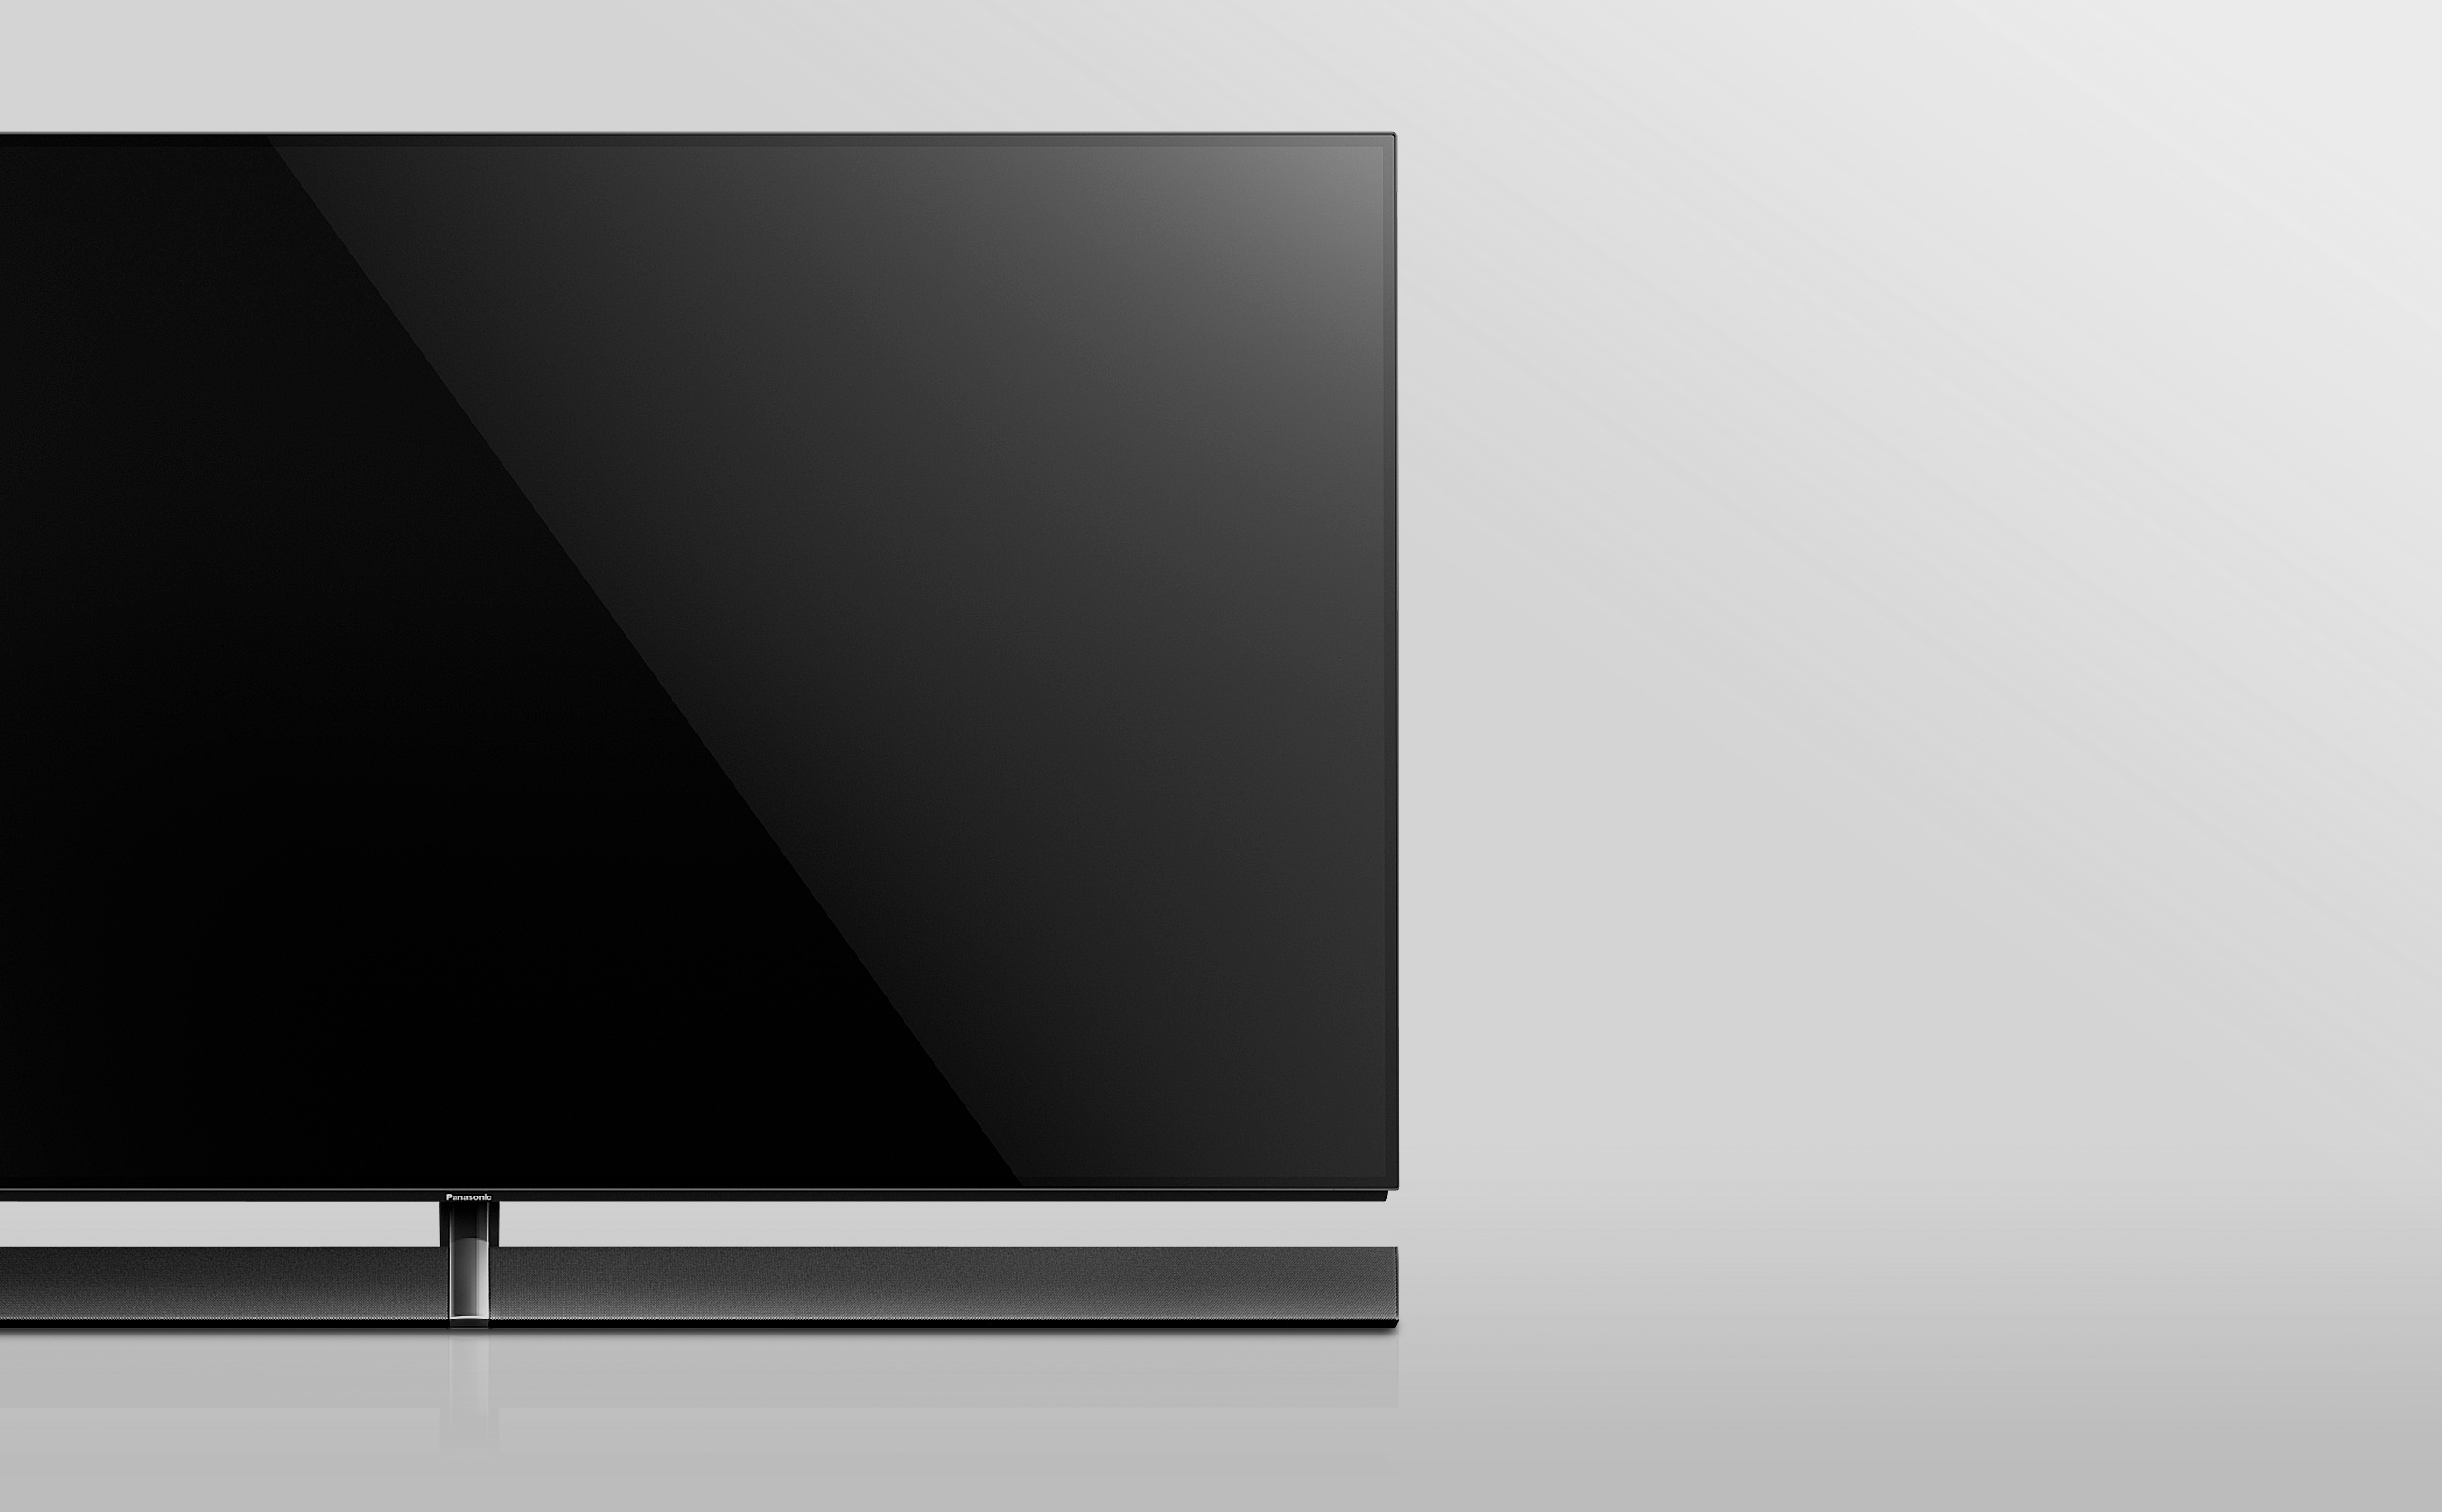 Future Life Factory Panasonic Design Fans Electronic Product Oled Ez1000